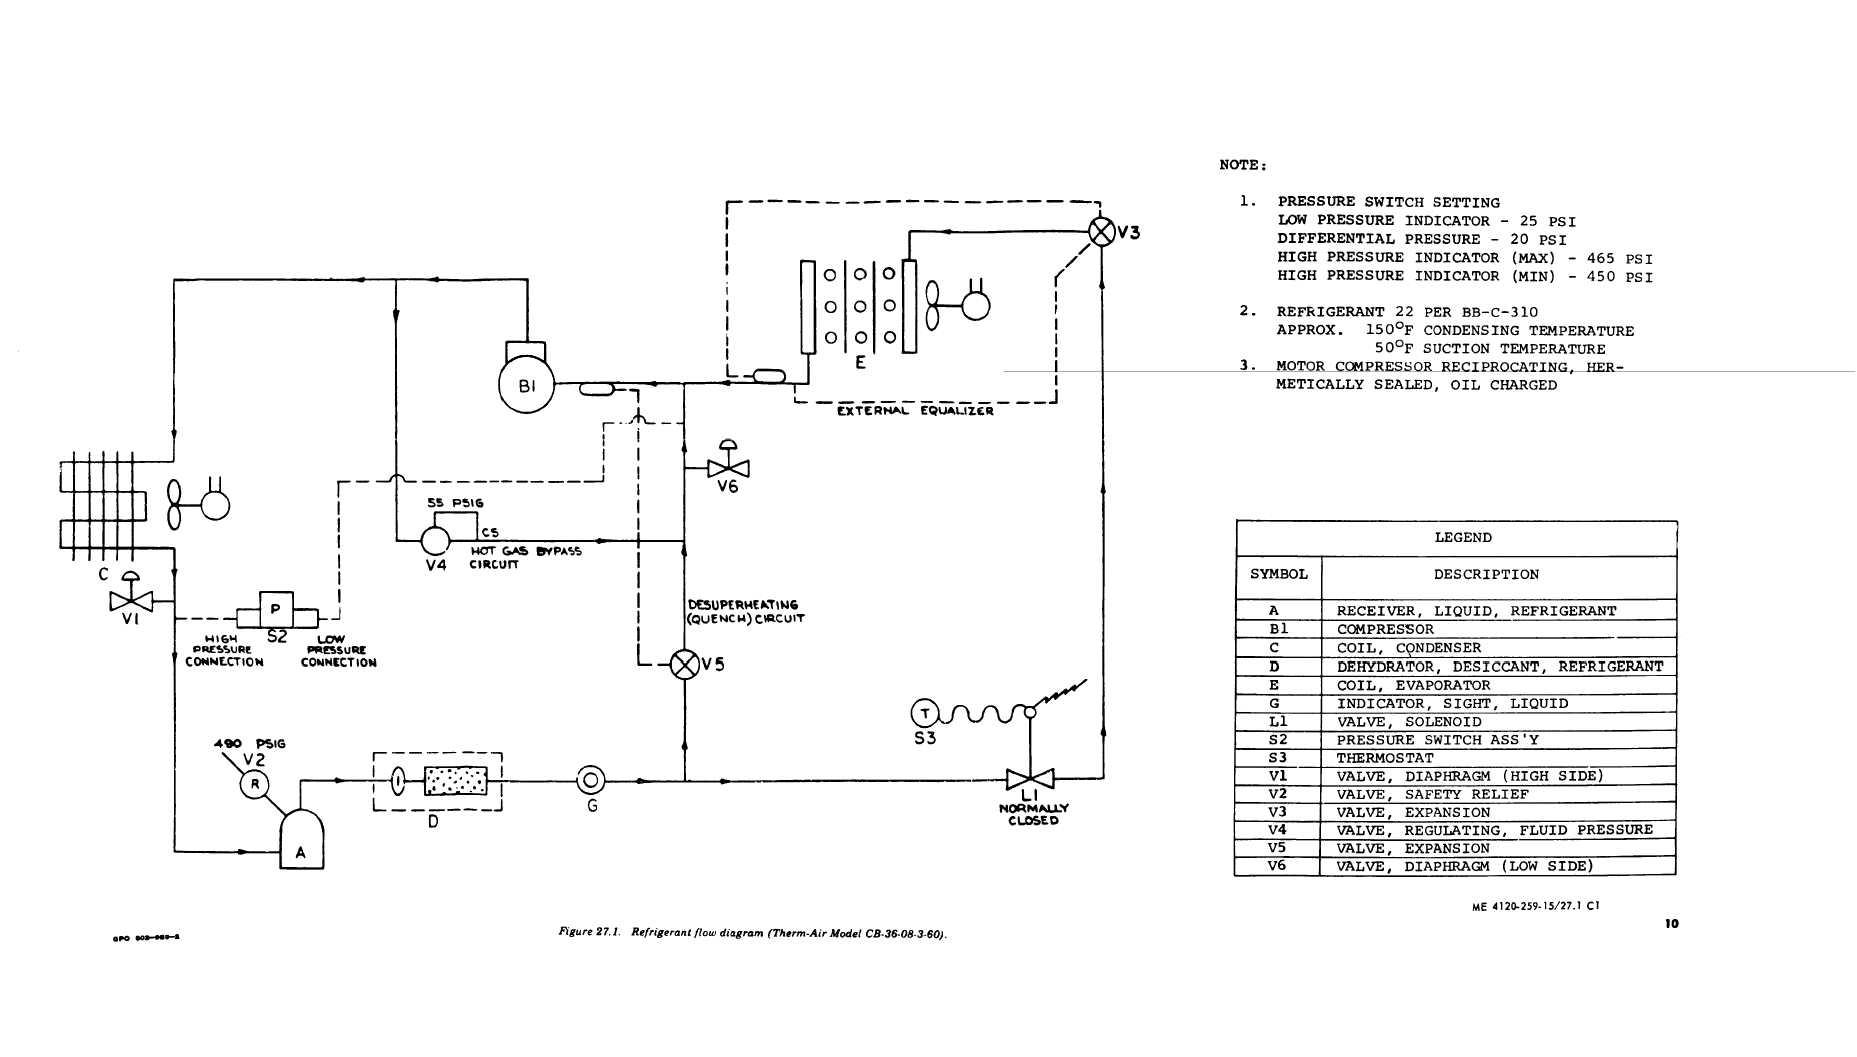 trane xe 900 air conditioner wiring diagram 2006 subaru wrx radio diagrams model 2ttr2048a1000aa rooftop